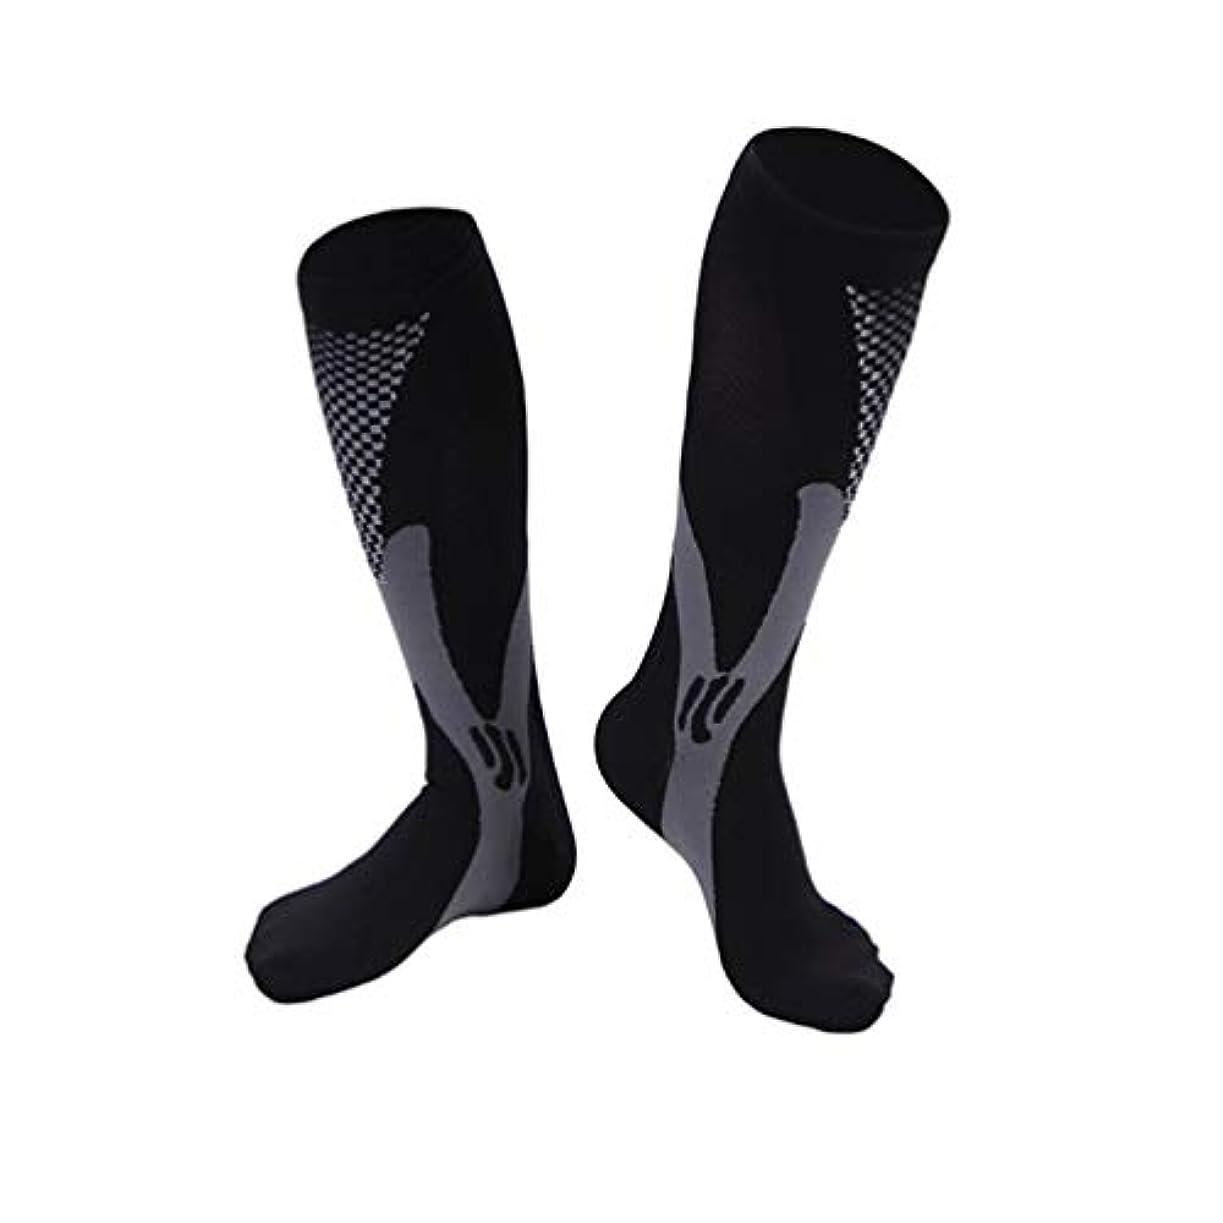 処理するペインアンケート快適な男性女性ファッションレッグサポートストレッチ圧縮ソックス下膝ソックスレッグサポートストレッチ通気性ソックス - ブラック2 XL